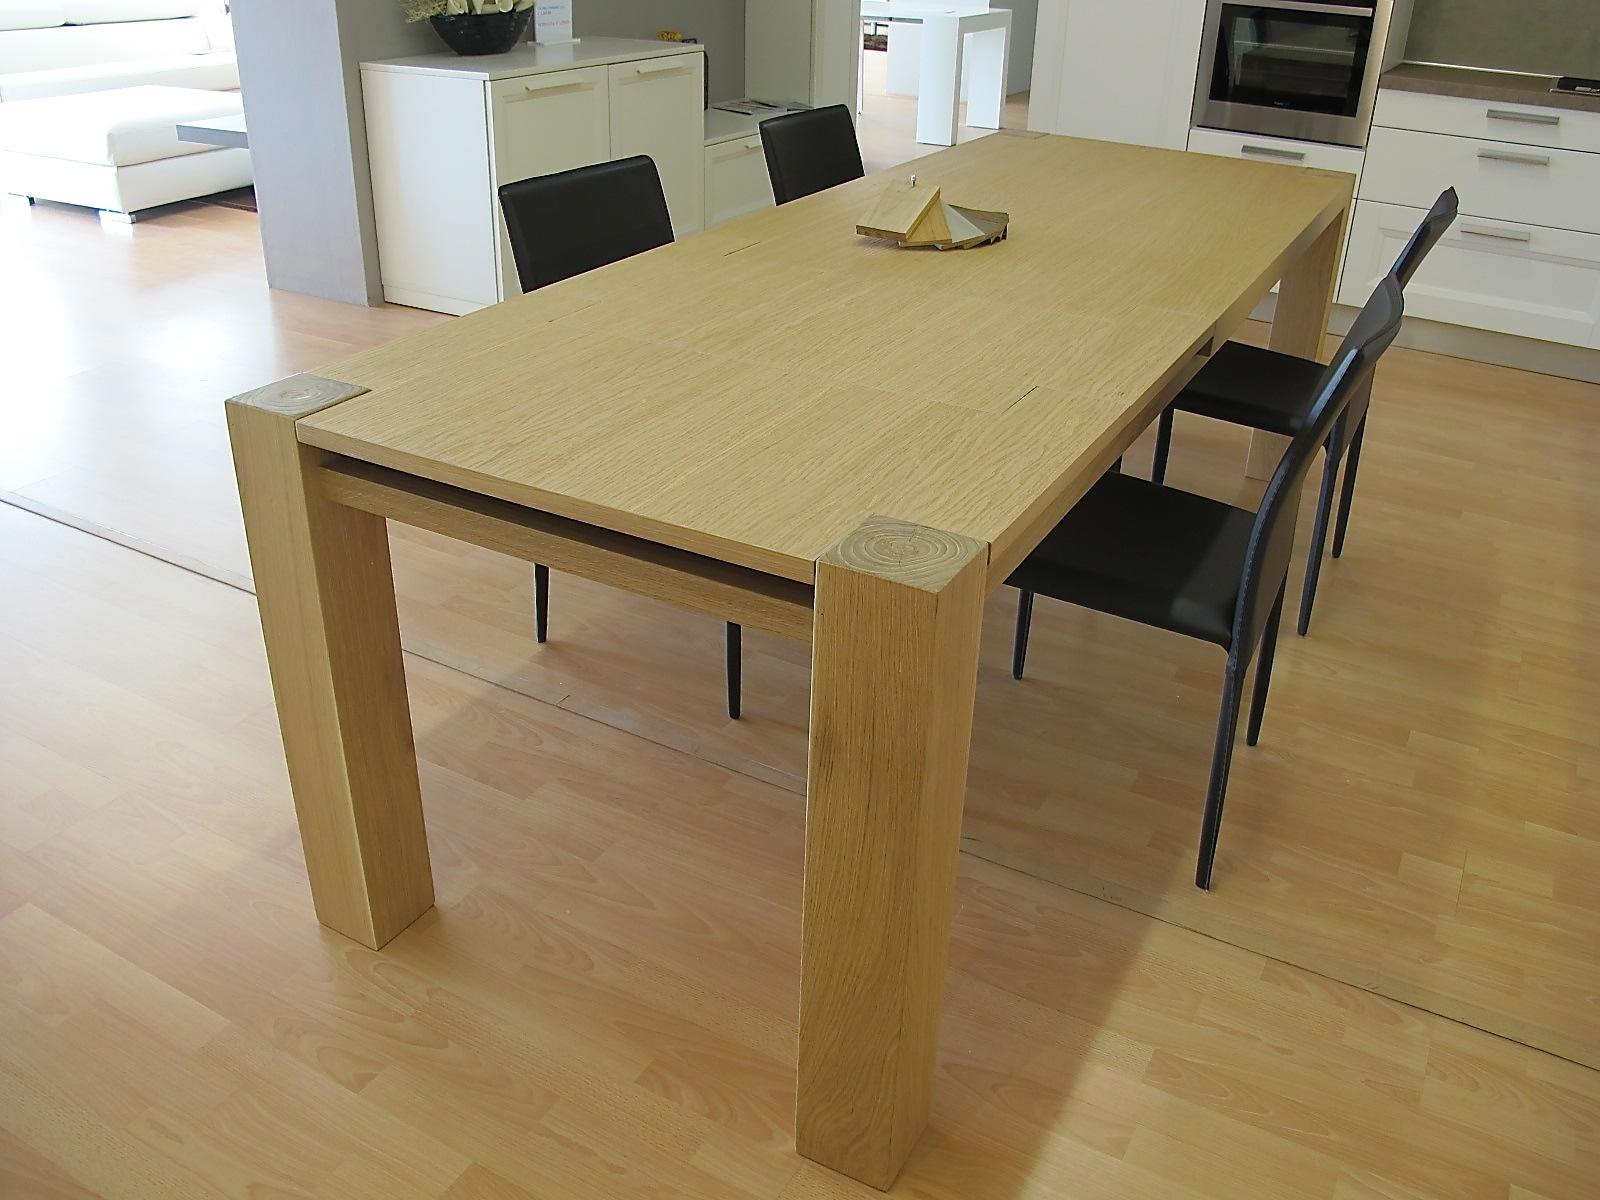 Tavolo in legno massiccio rovere allungabile tavoli a - Tavolo richiudibile in legno ...